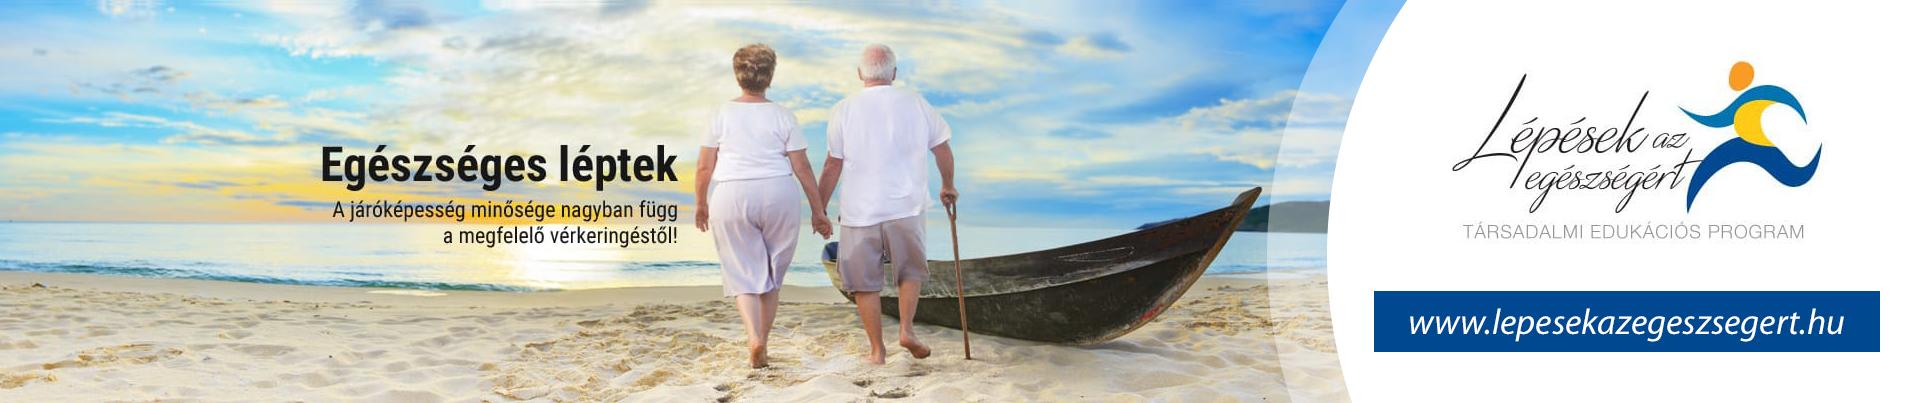 Egészséges léptek - A járóképesség minősége nagyban függ a megfelelő vérkeringéstől.